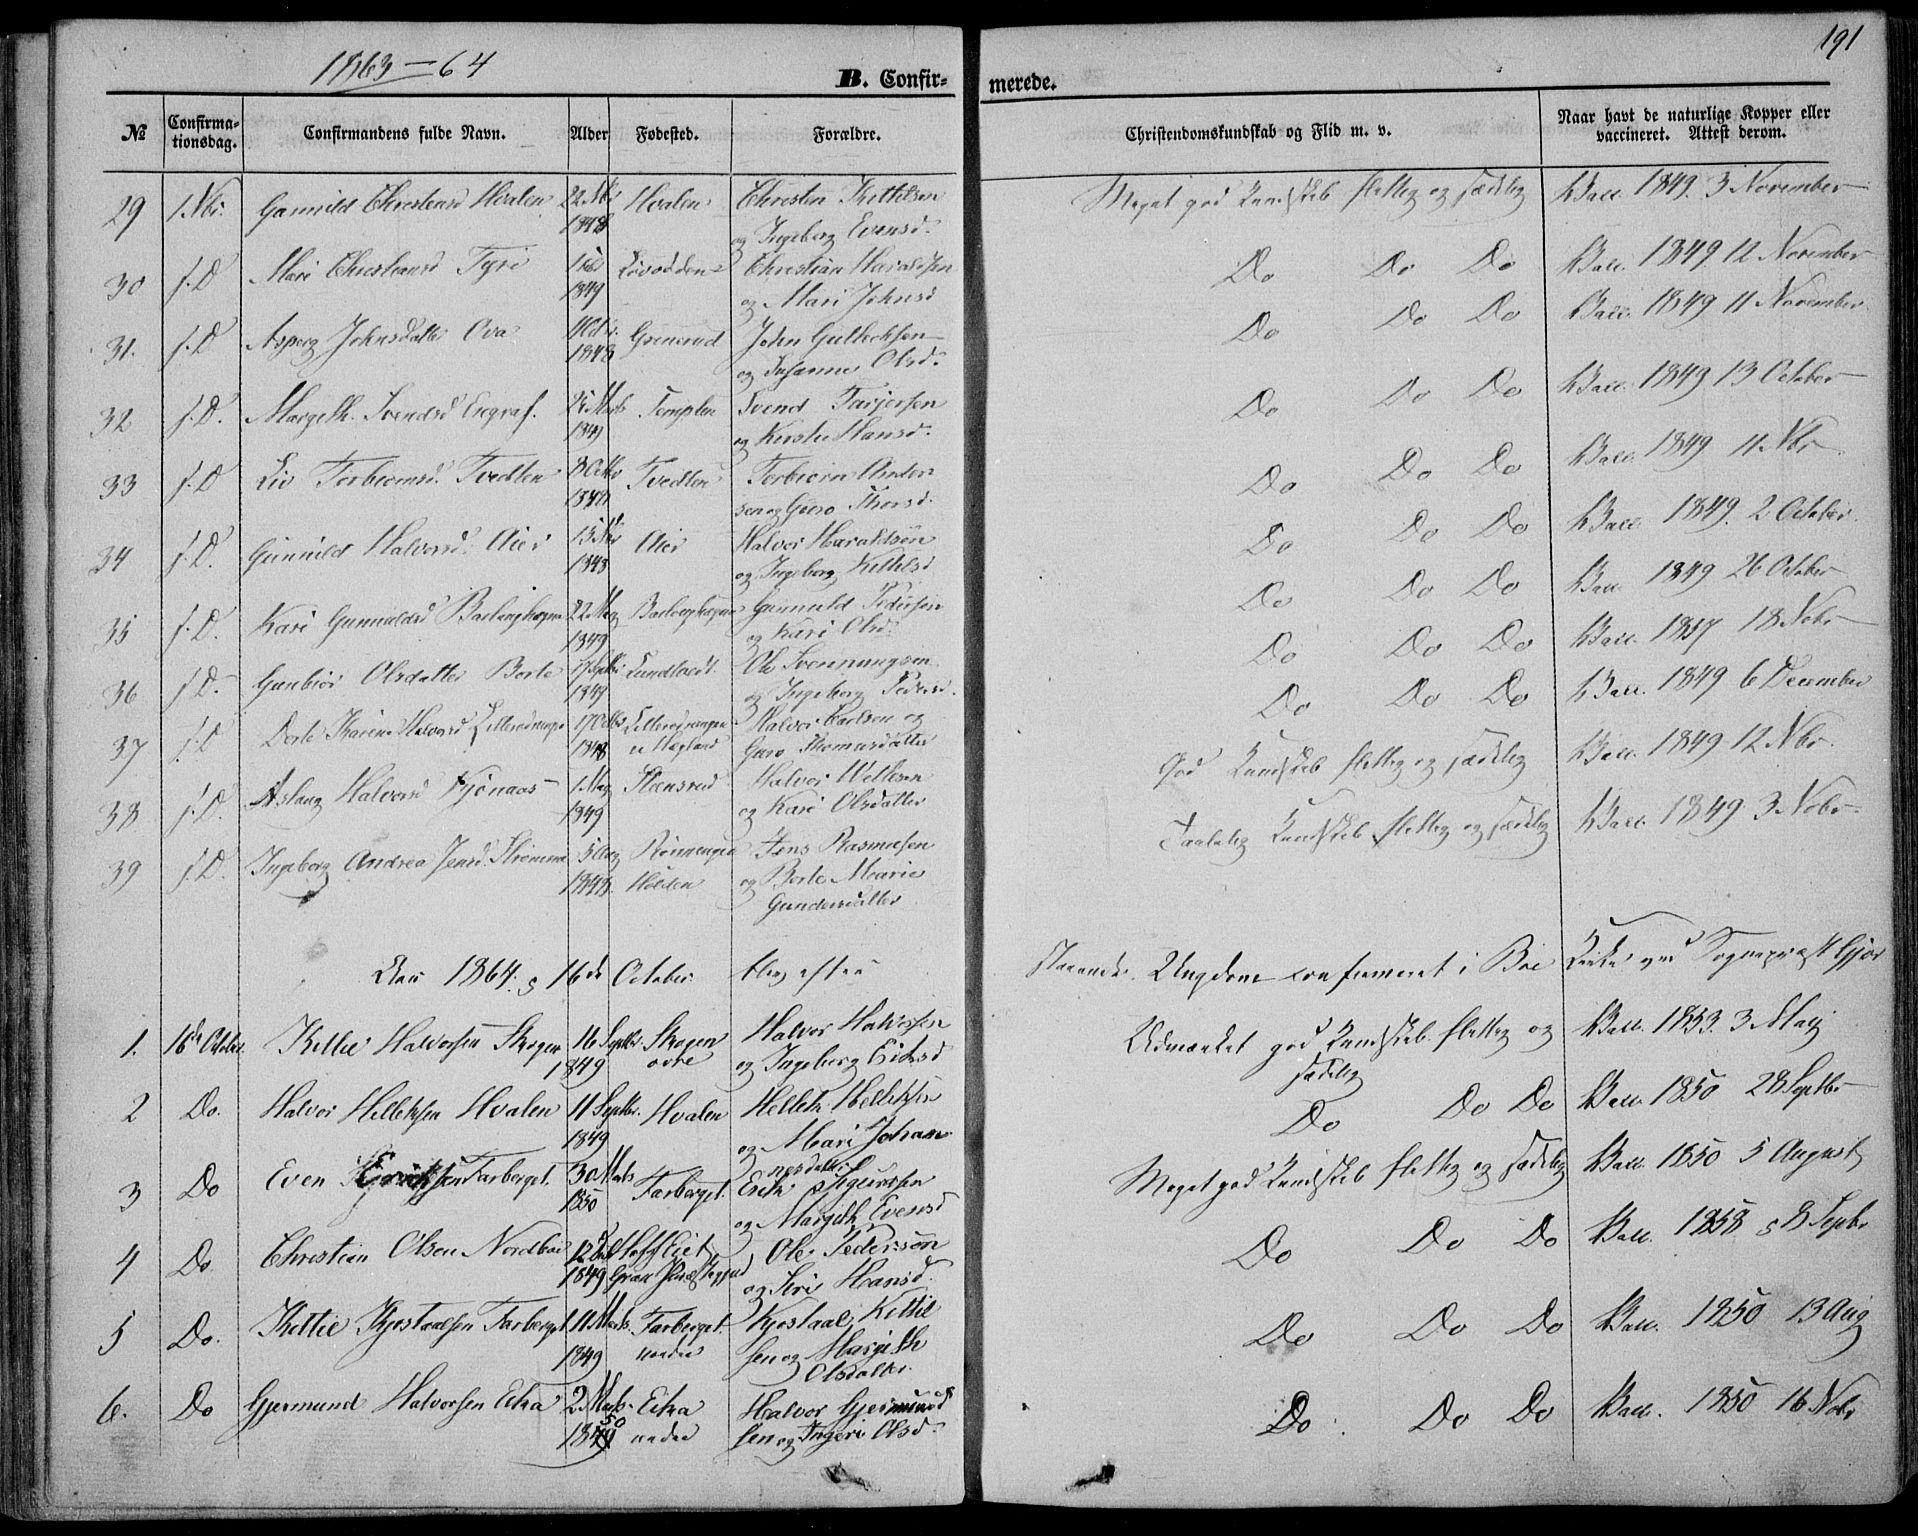 SAKO, Bø kirkebøker, F/Fa/L0009: Ministerialbok nr. 9, 1862-1879, s. 191